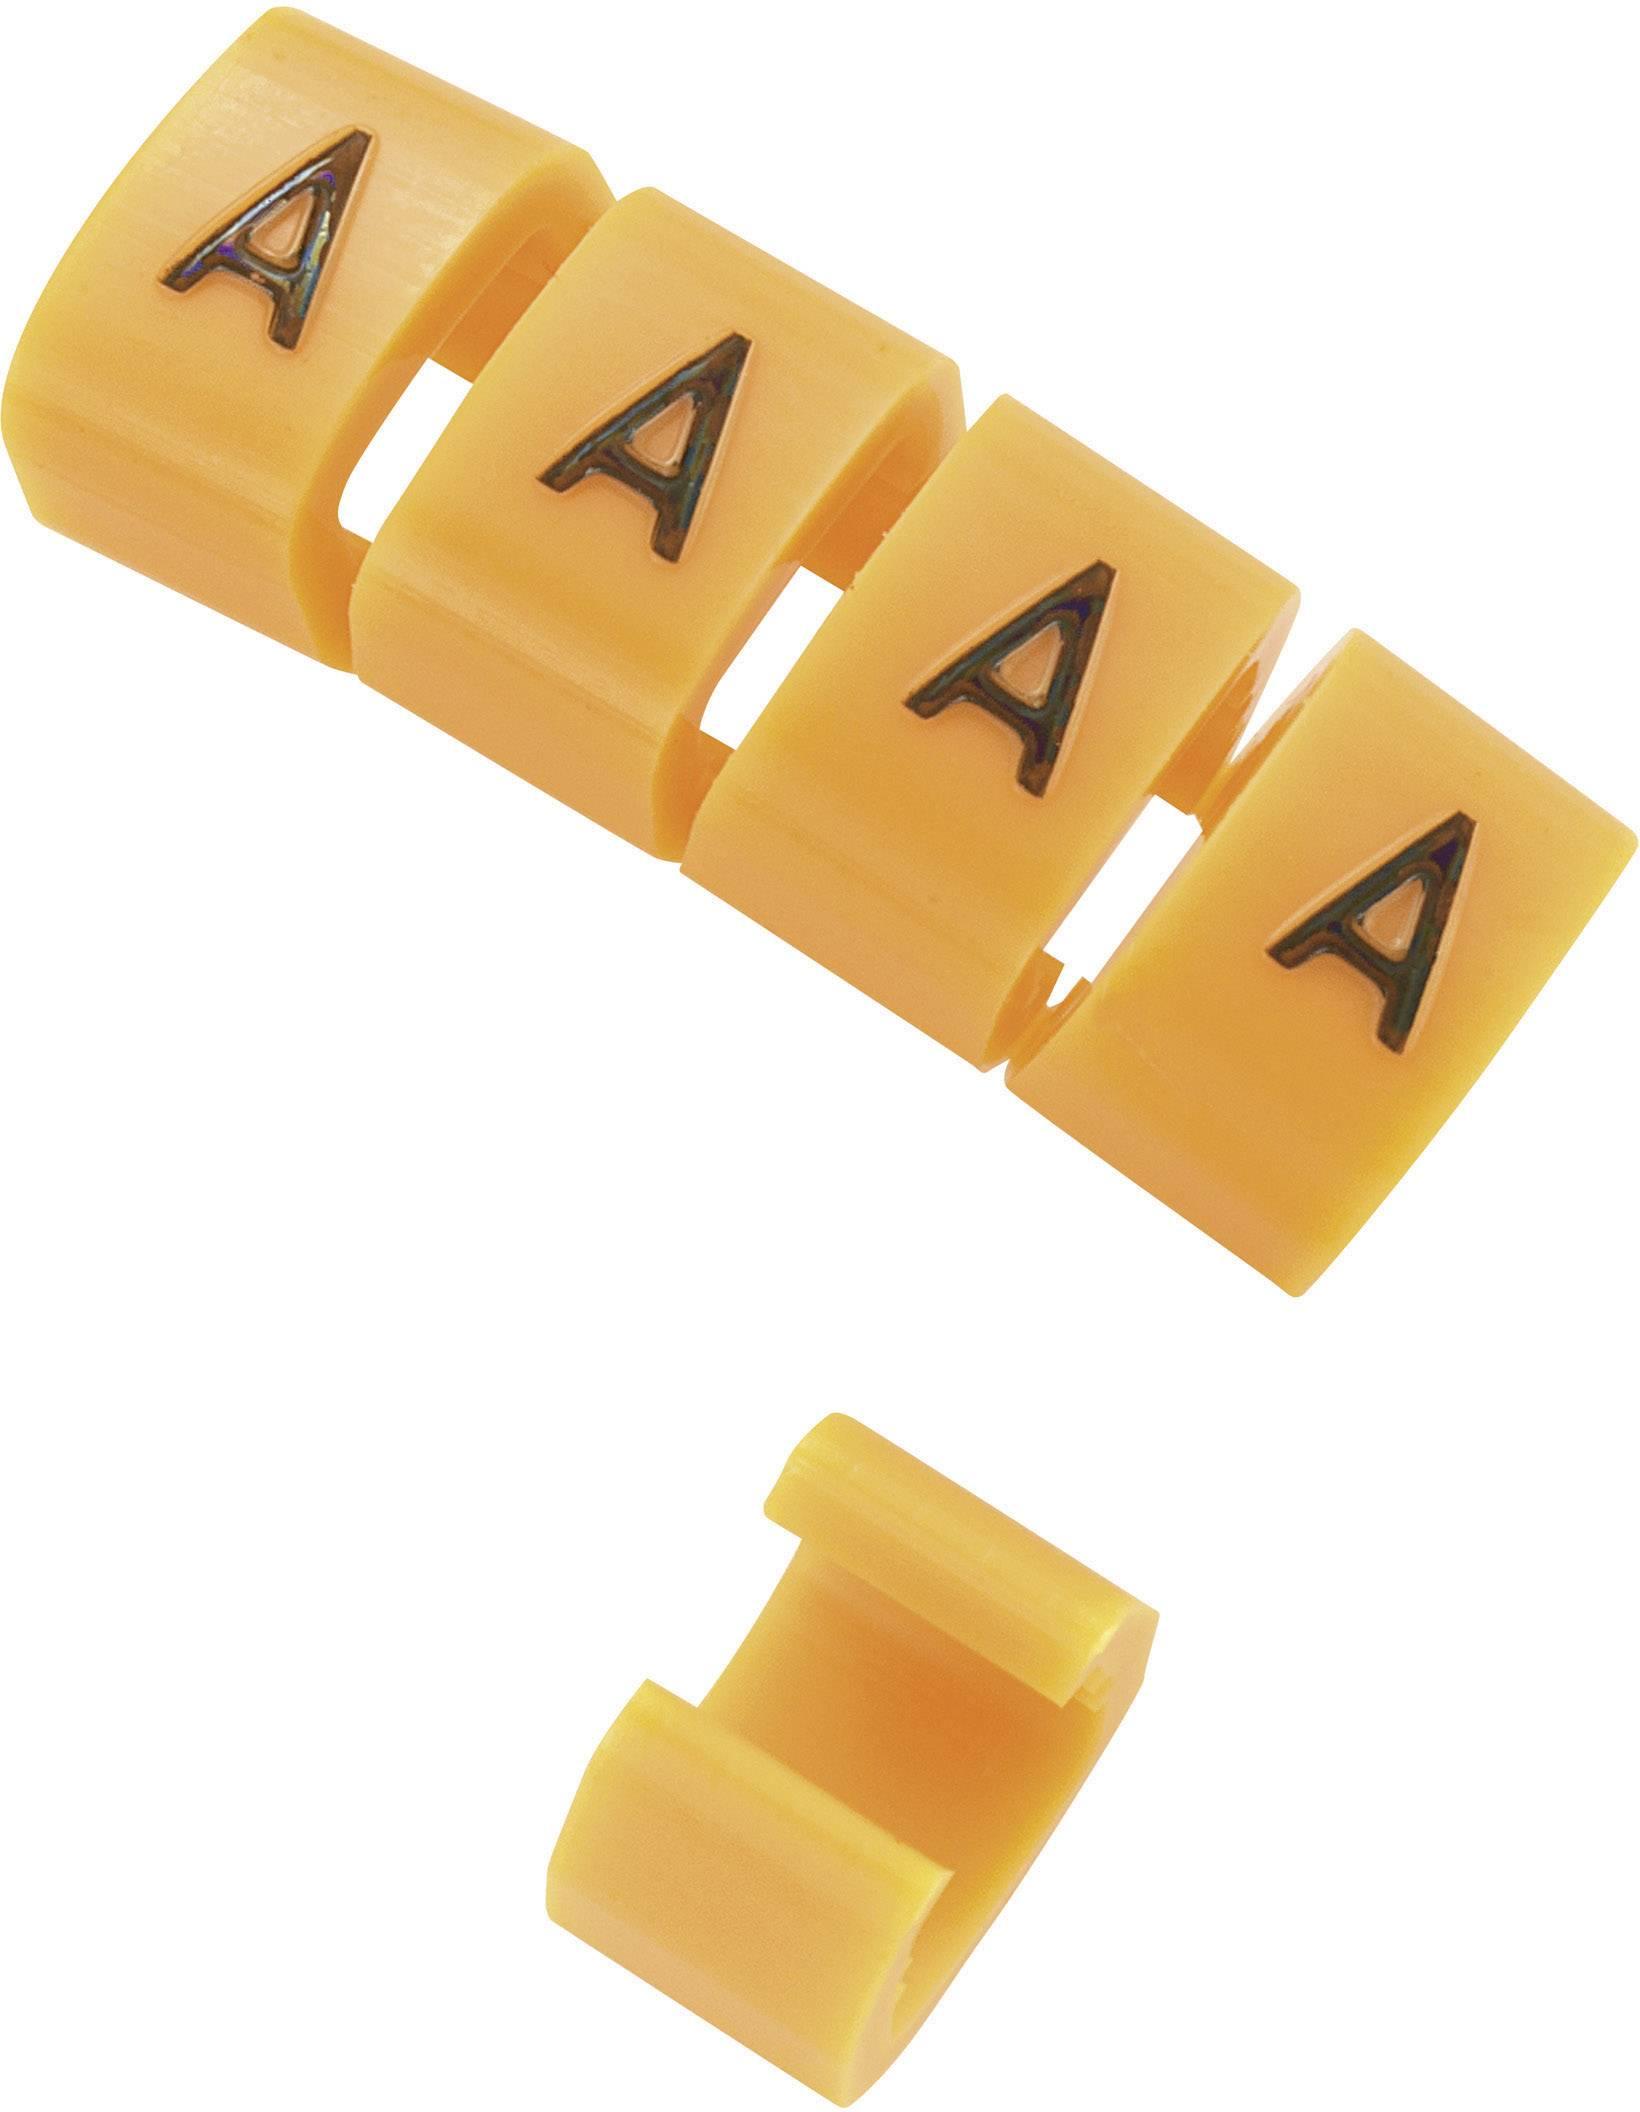 Označovacie objímka na káble KSS MB2/W, oranžová, 10 ks